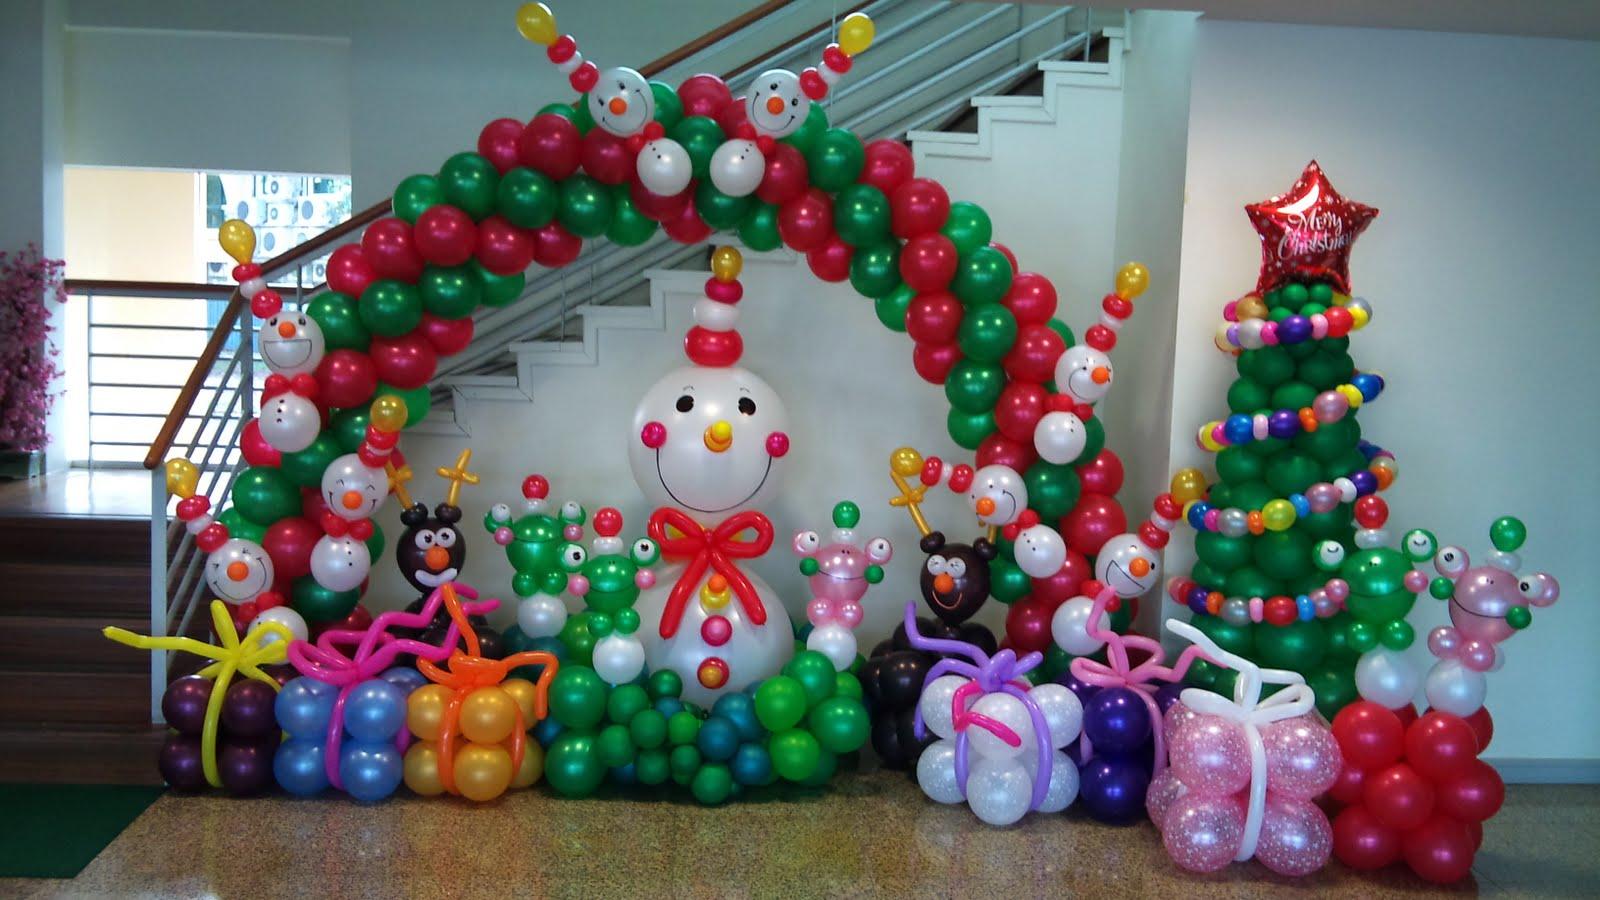 Ho geldin bebek partisi balon s slemeleri t rkiye 39 nin en for Water balloon christmas decorations